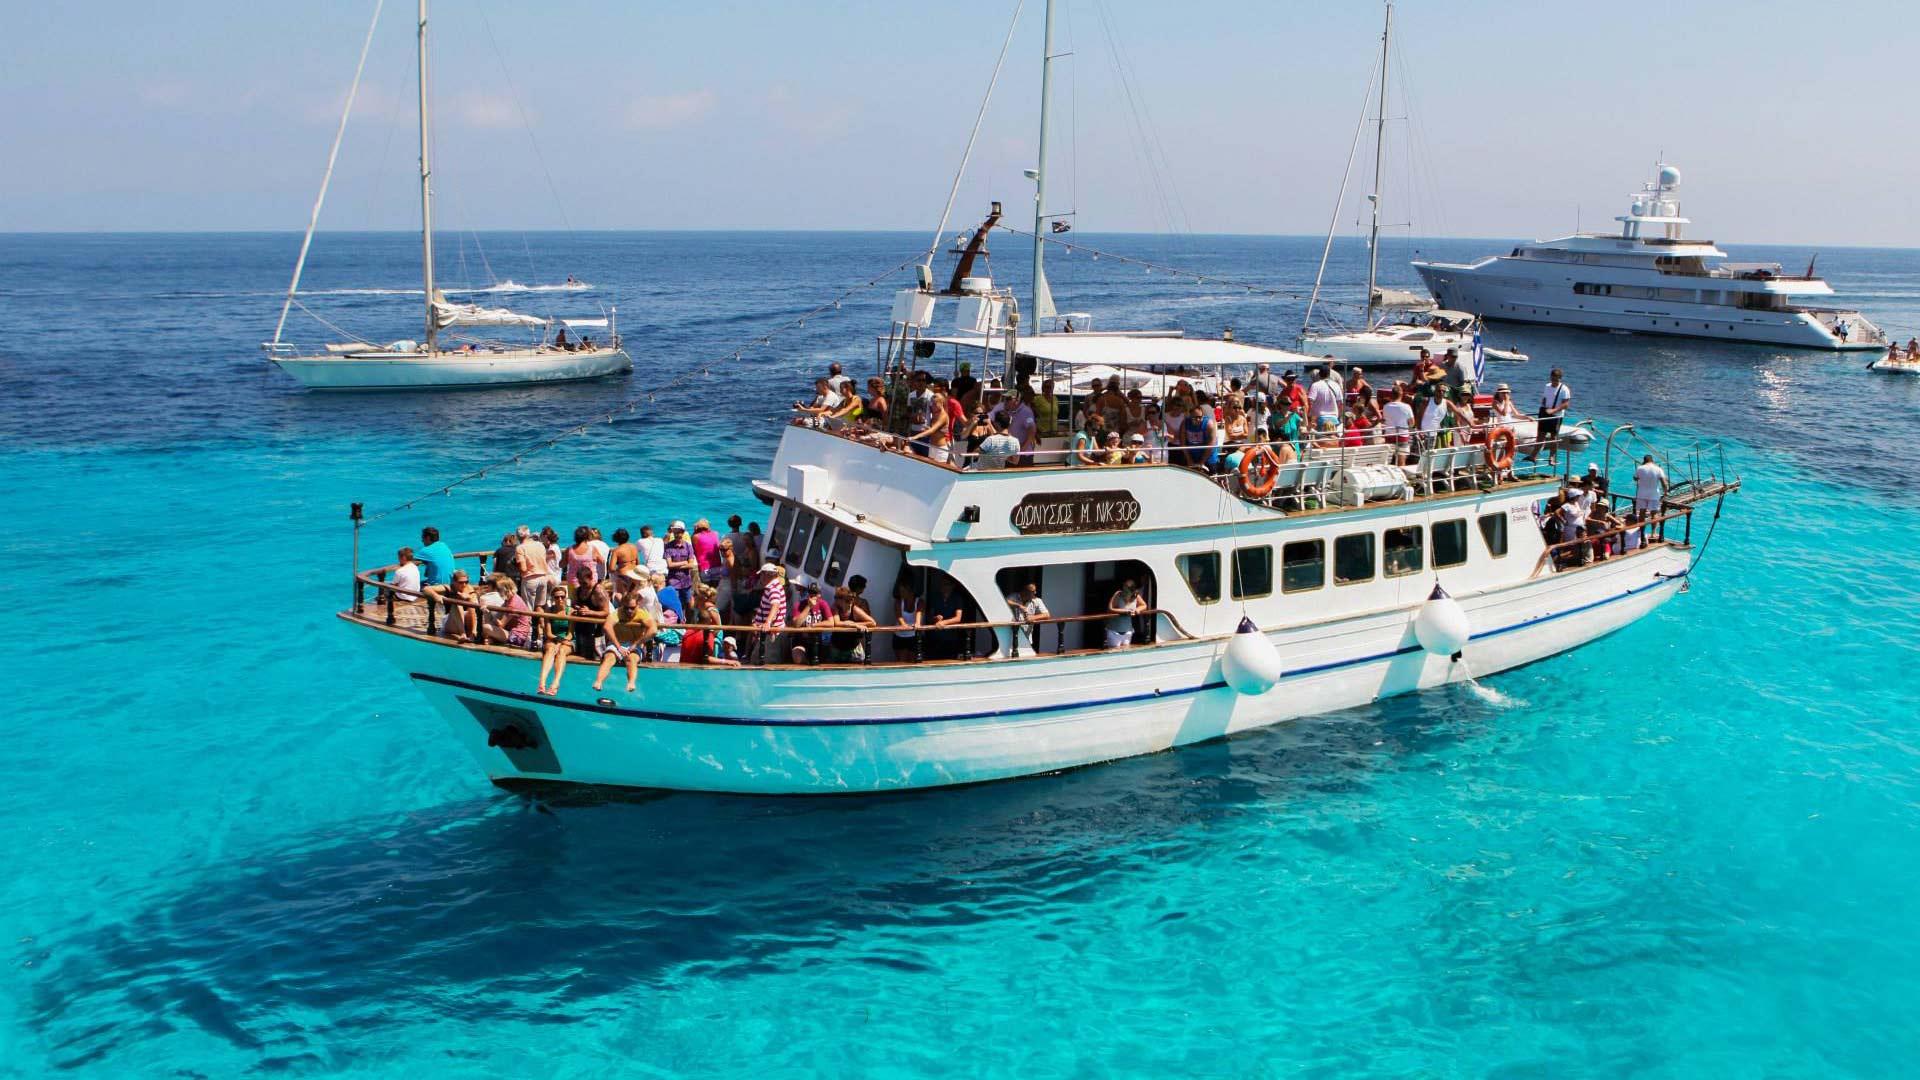 Paxoi Cruise 1